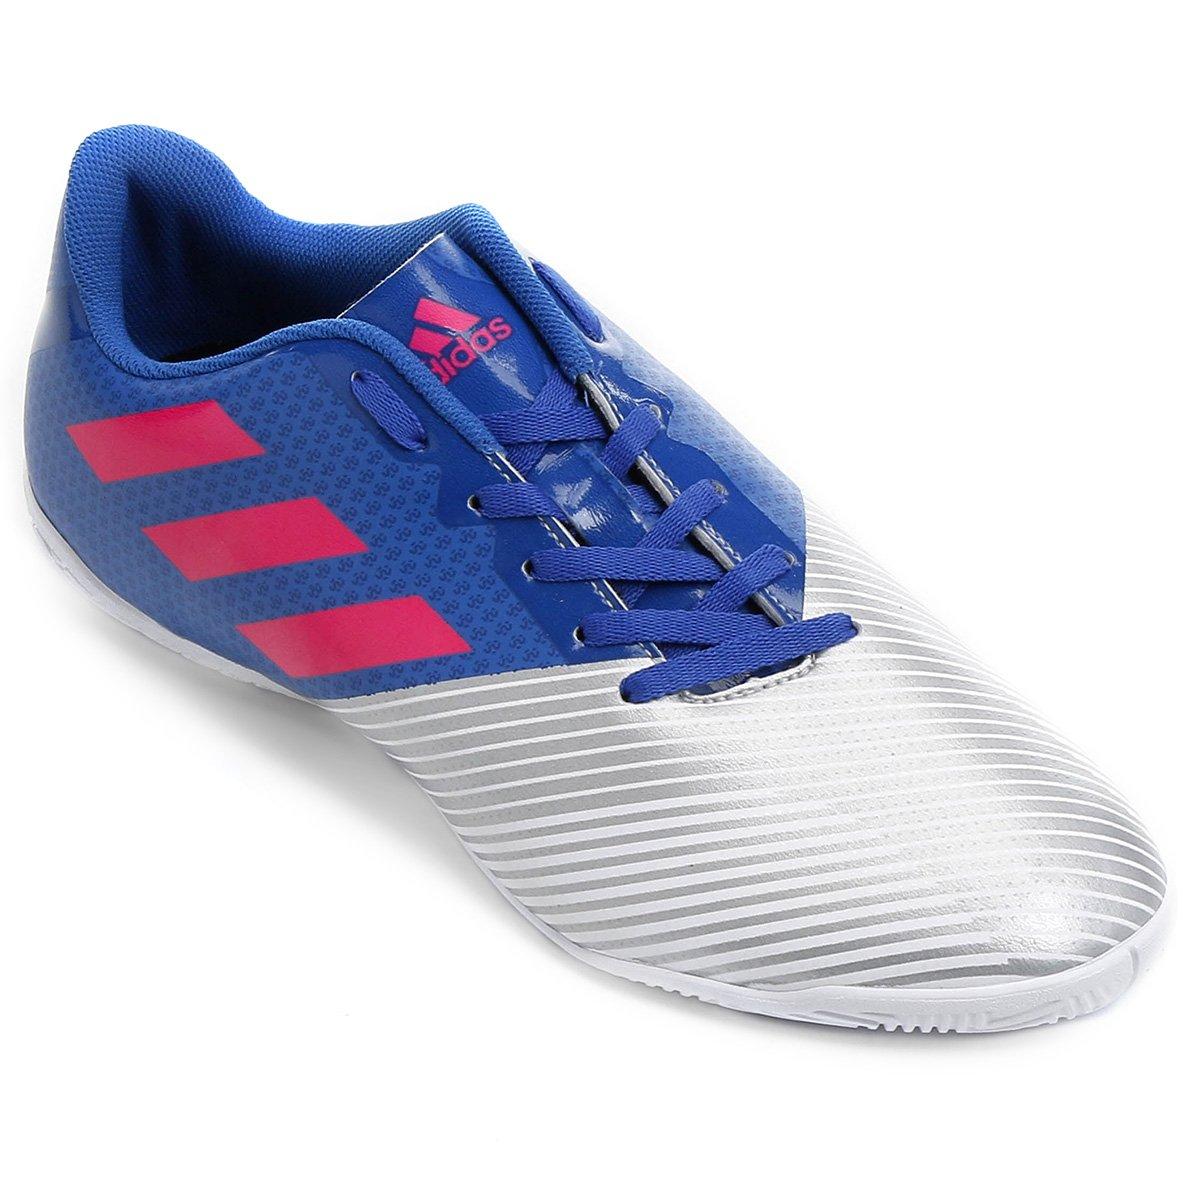 Chuteira Futsal Adidas Artilheira 17 IN - Azul e Prata - Compre ... f0e9ba6c67a37